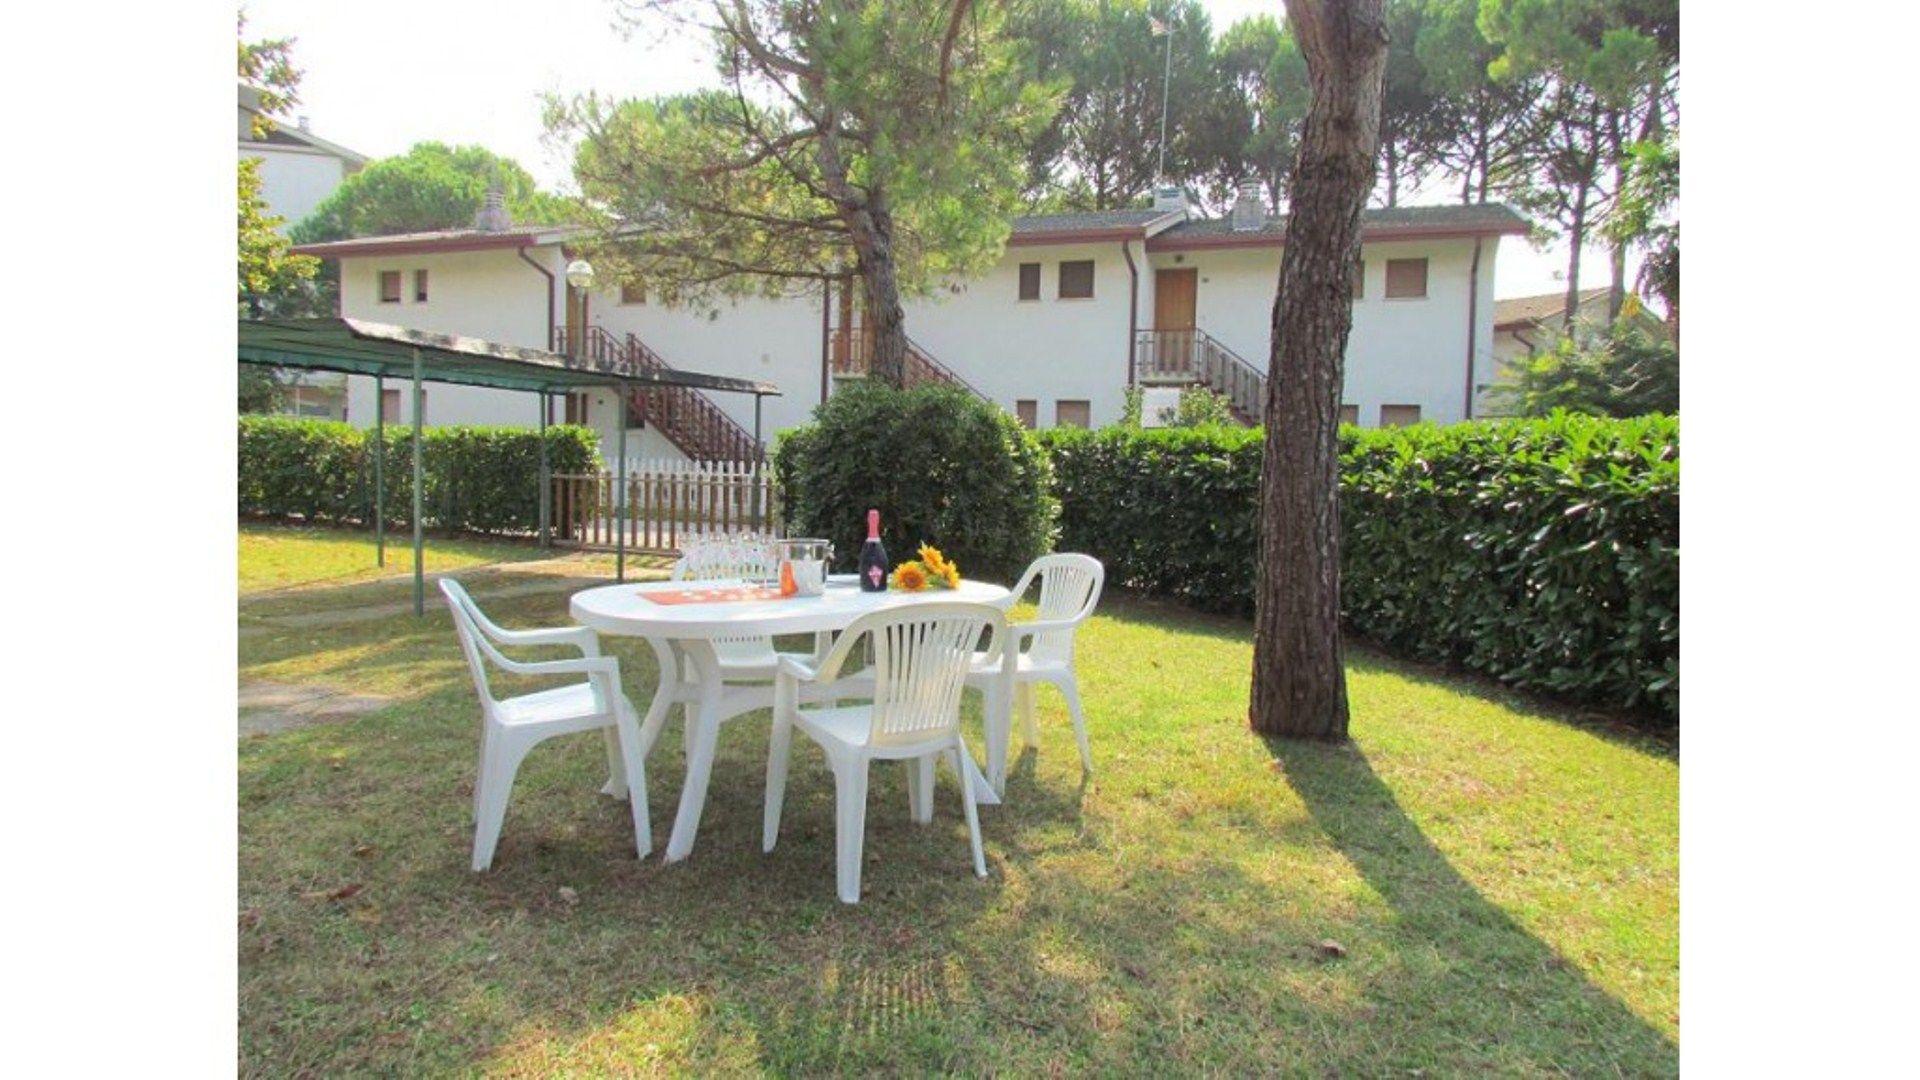 Villa in San Michele al Tagliamento, holiday rentals